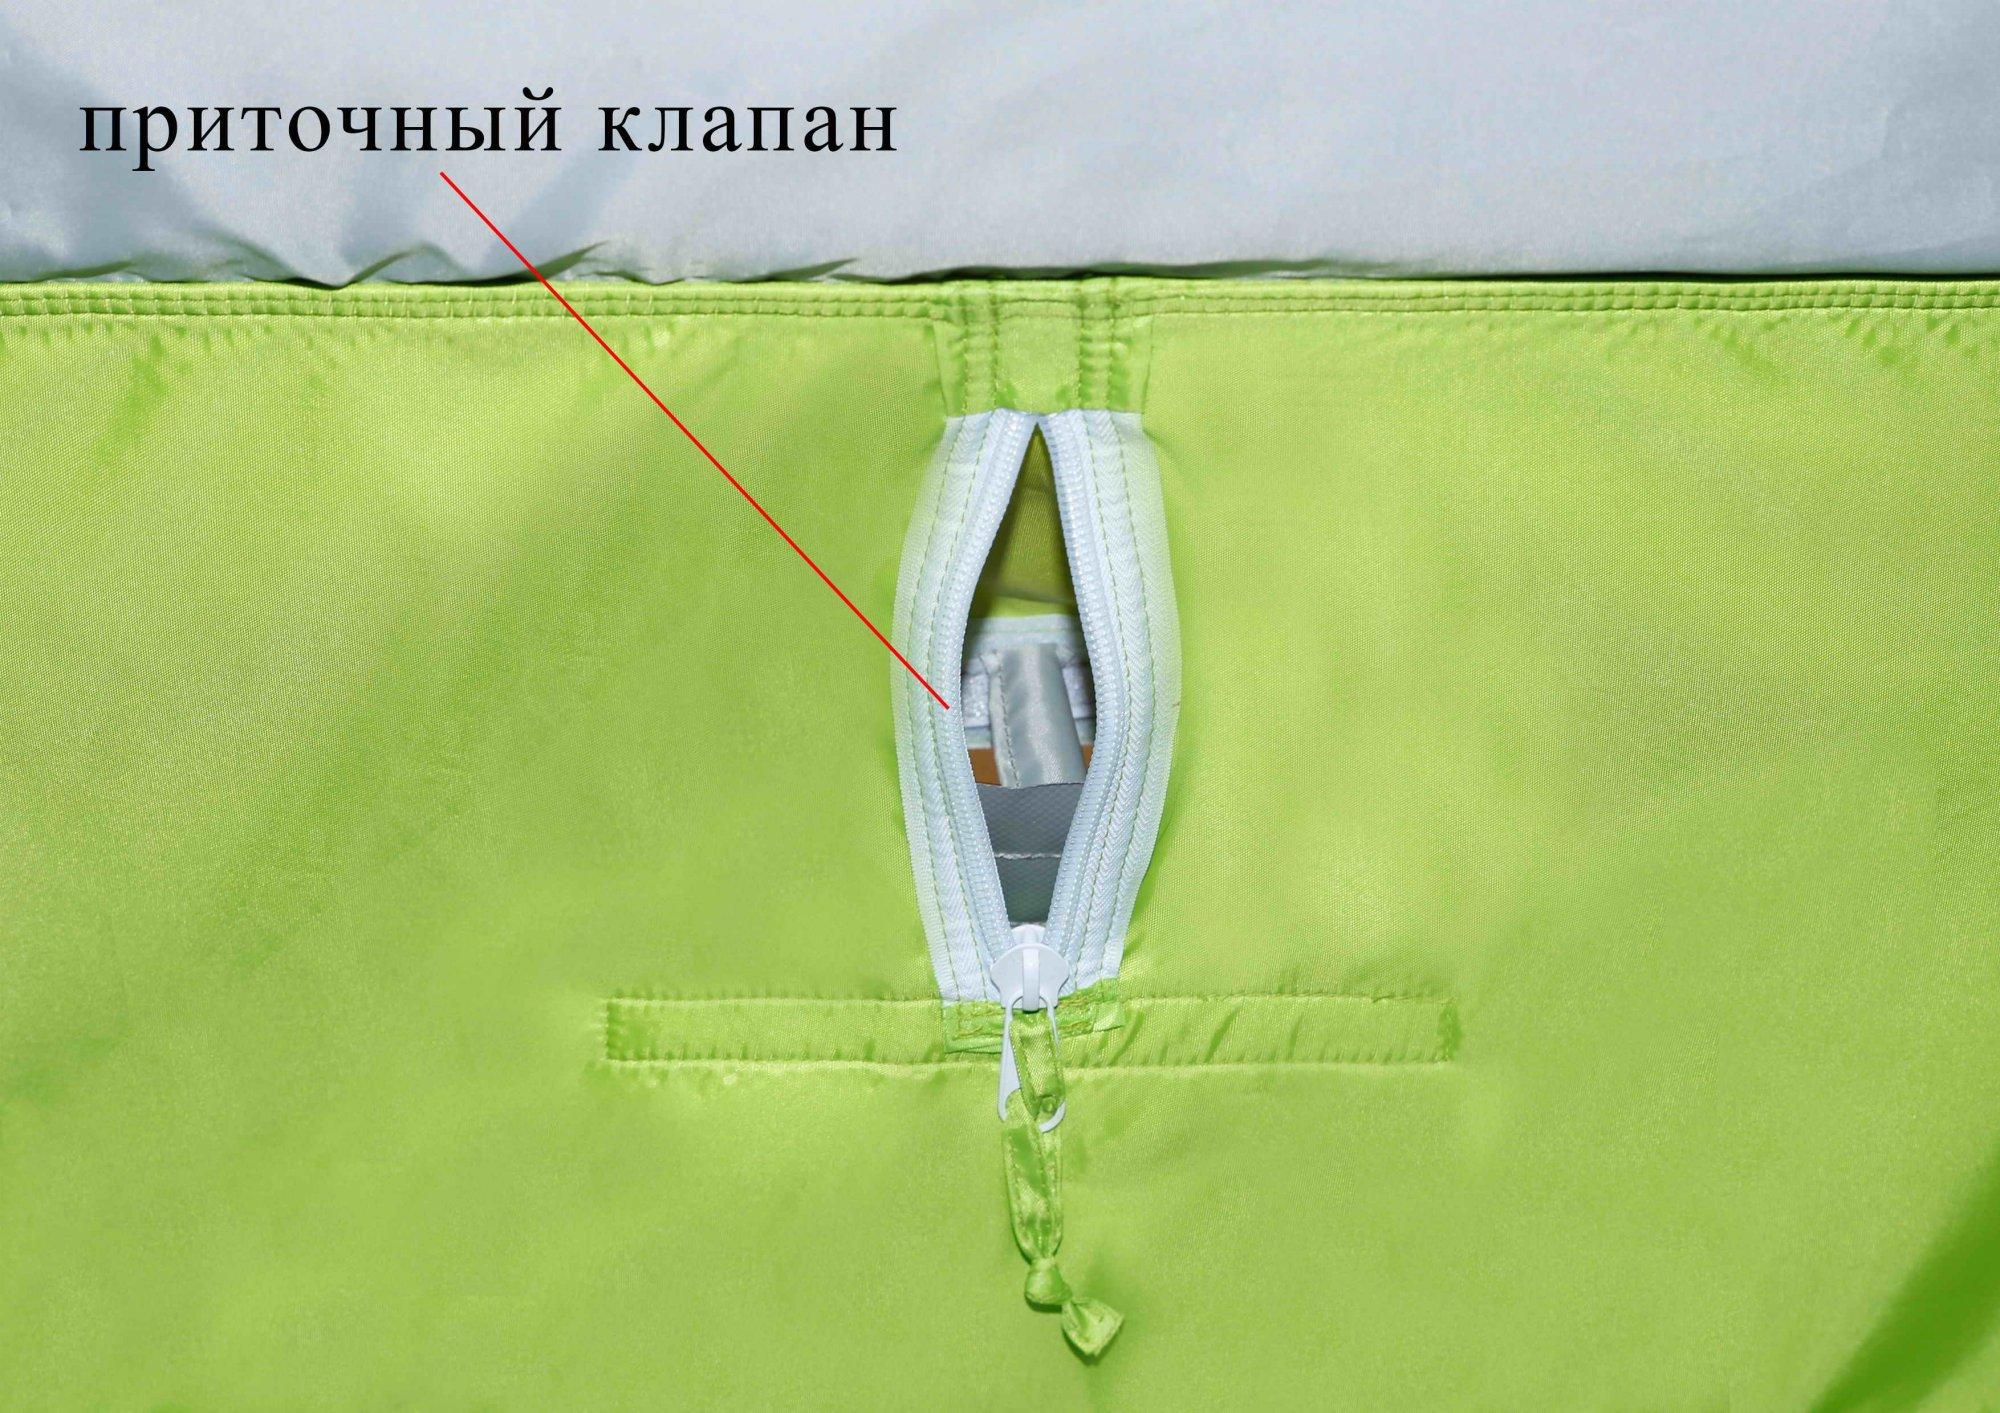 Зимняя палатка ЛОТОС Куб М2 Термо_приточный клапан, вид изнутри